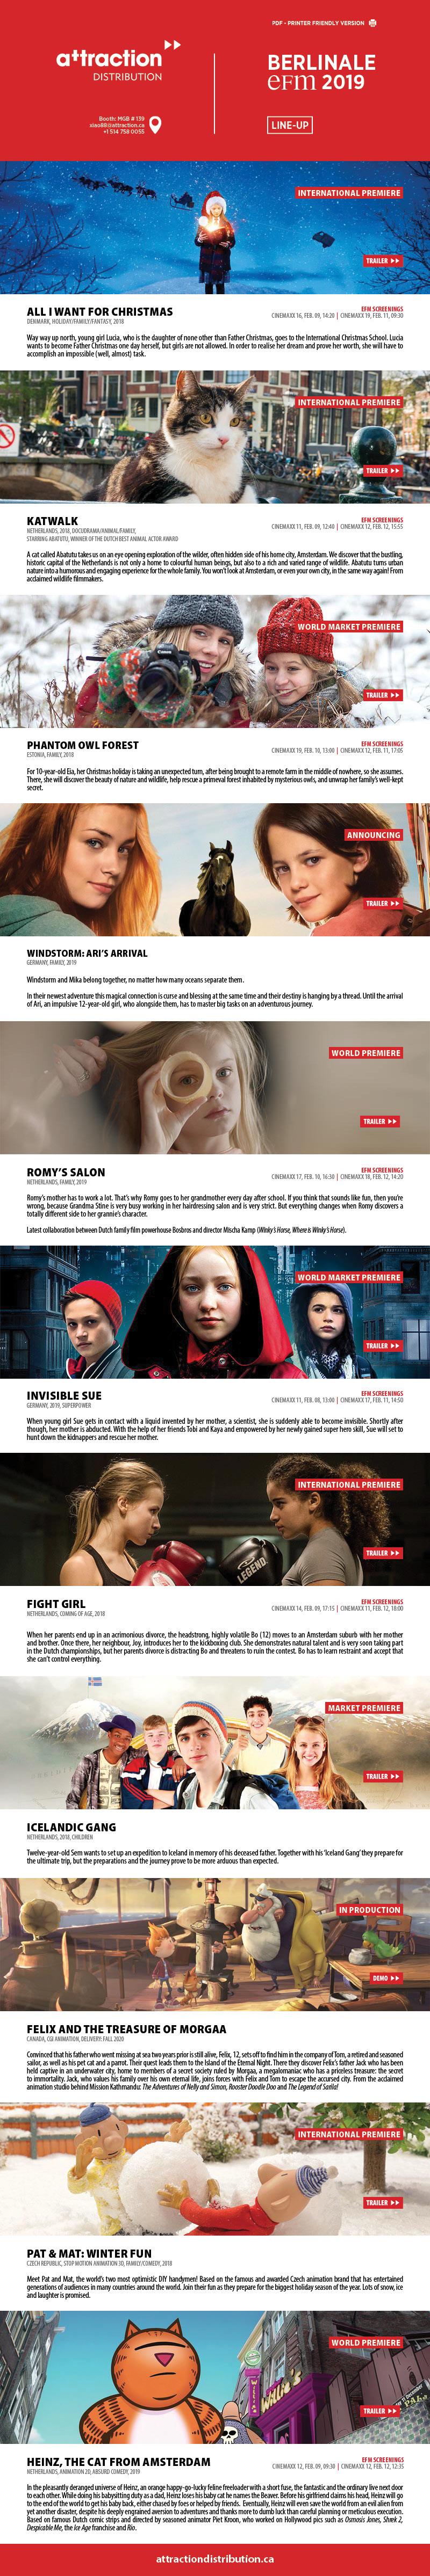 Berlinale/efm 2019